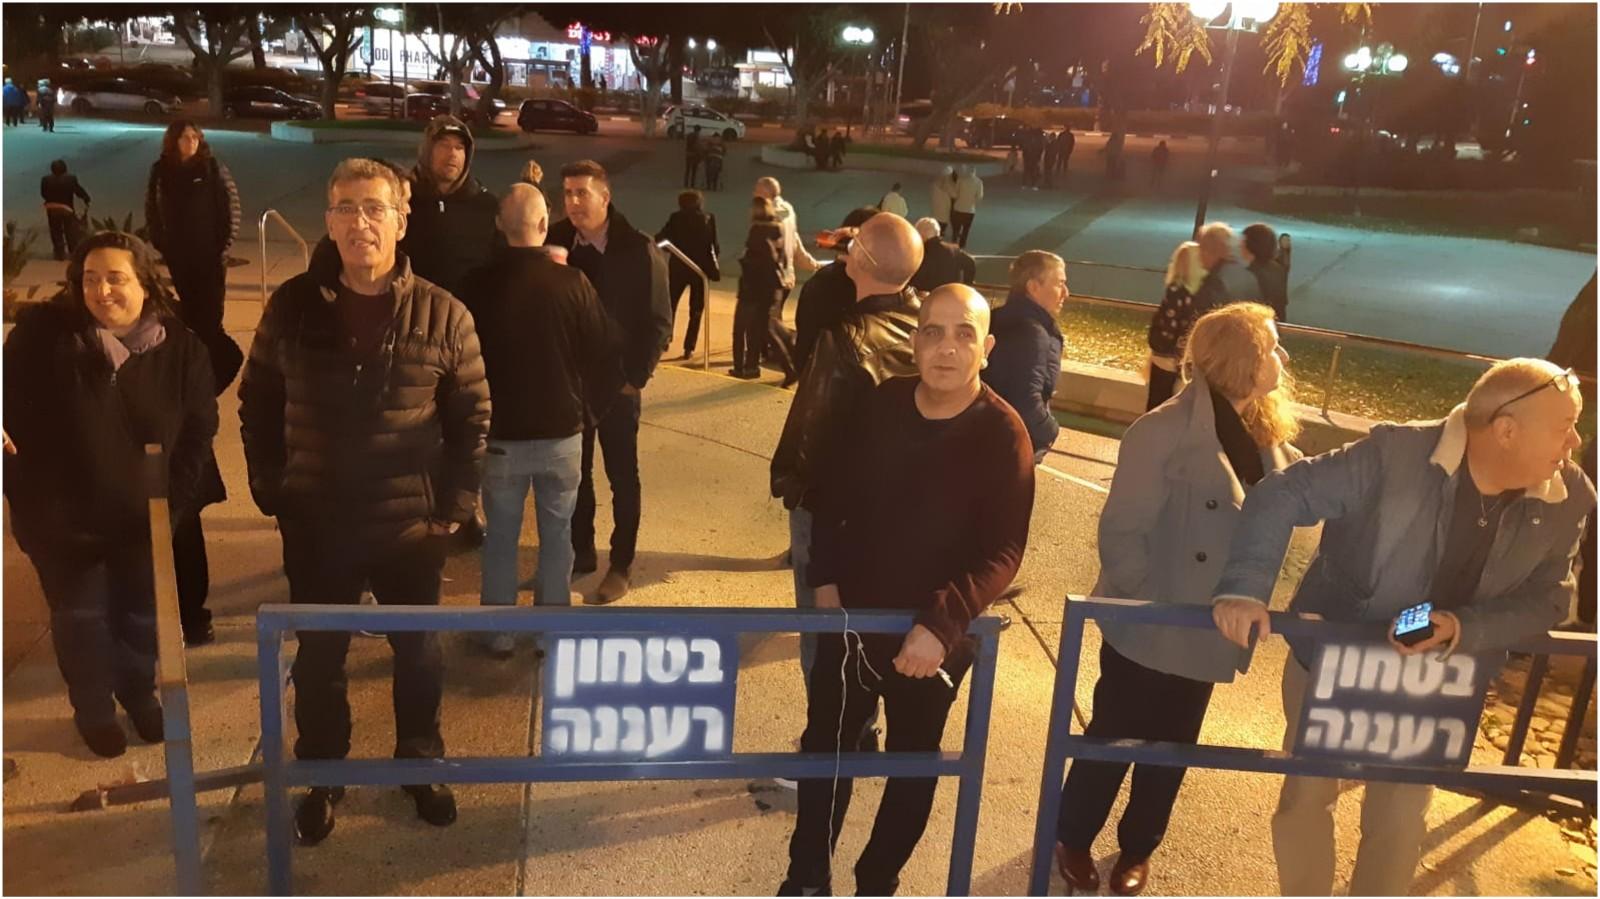 המחסומים והמפגינים שביקשו להיכנס לישיבת המועצה